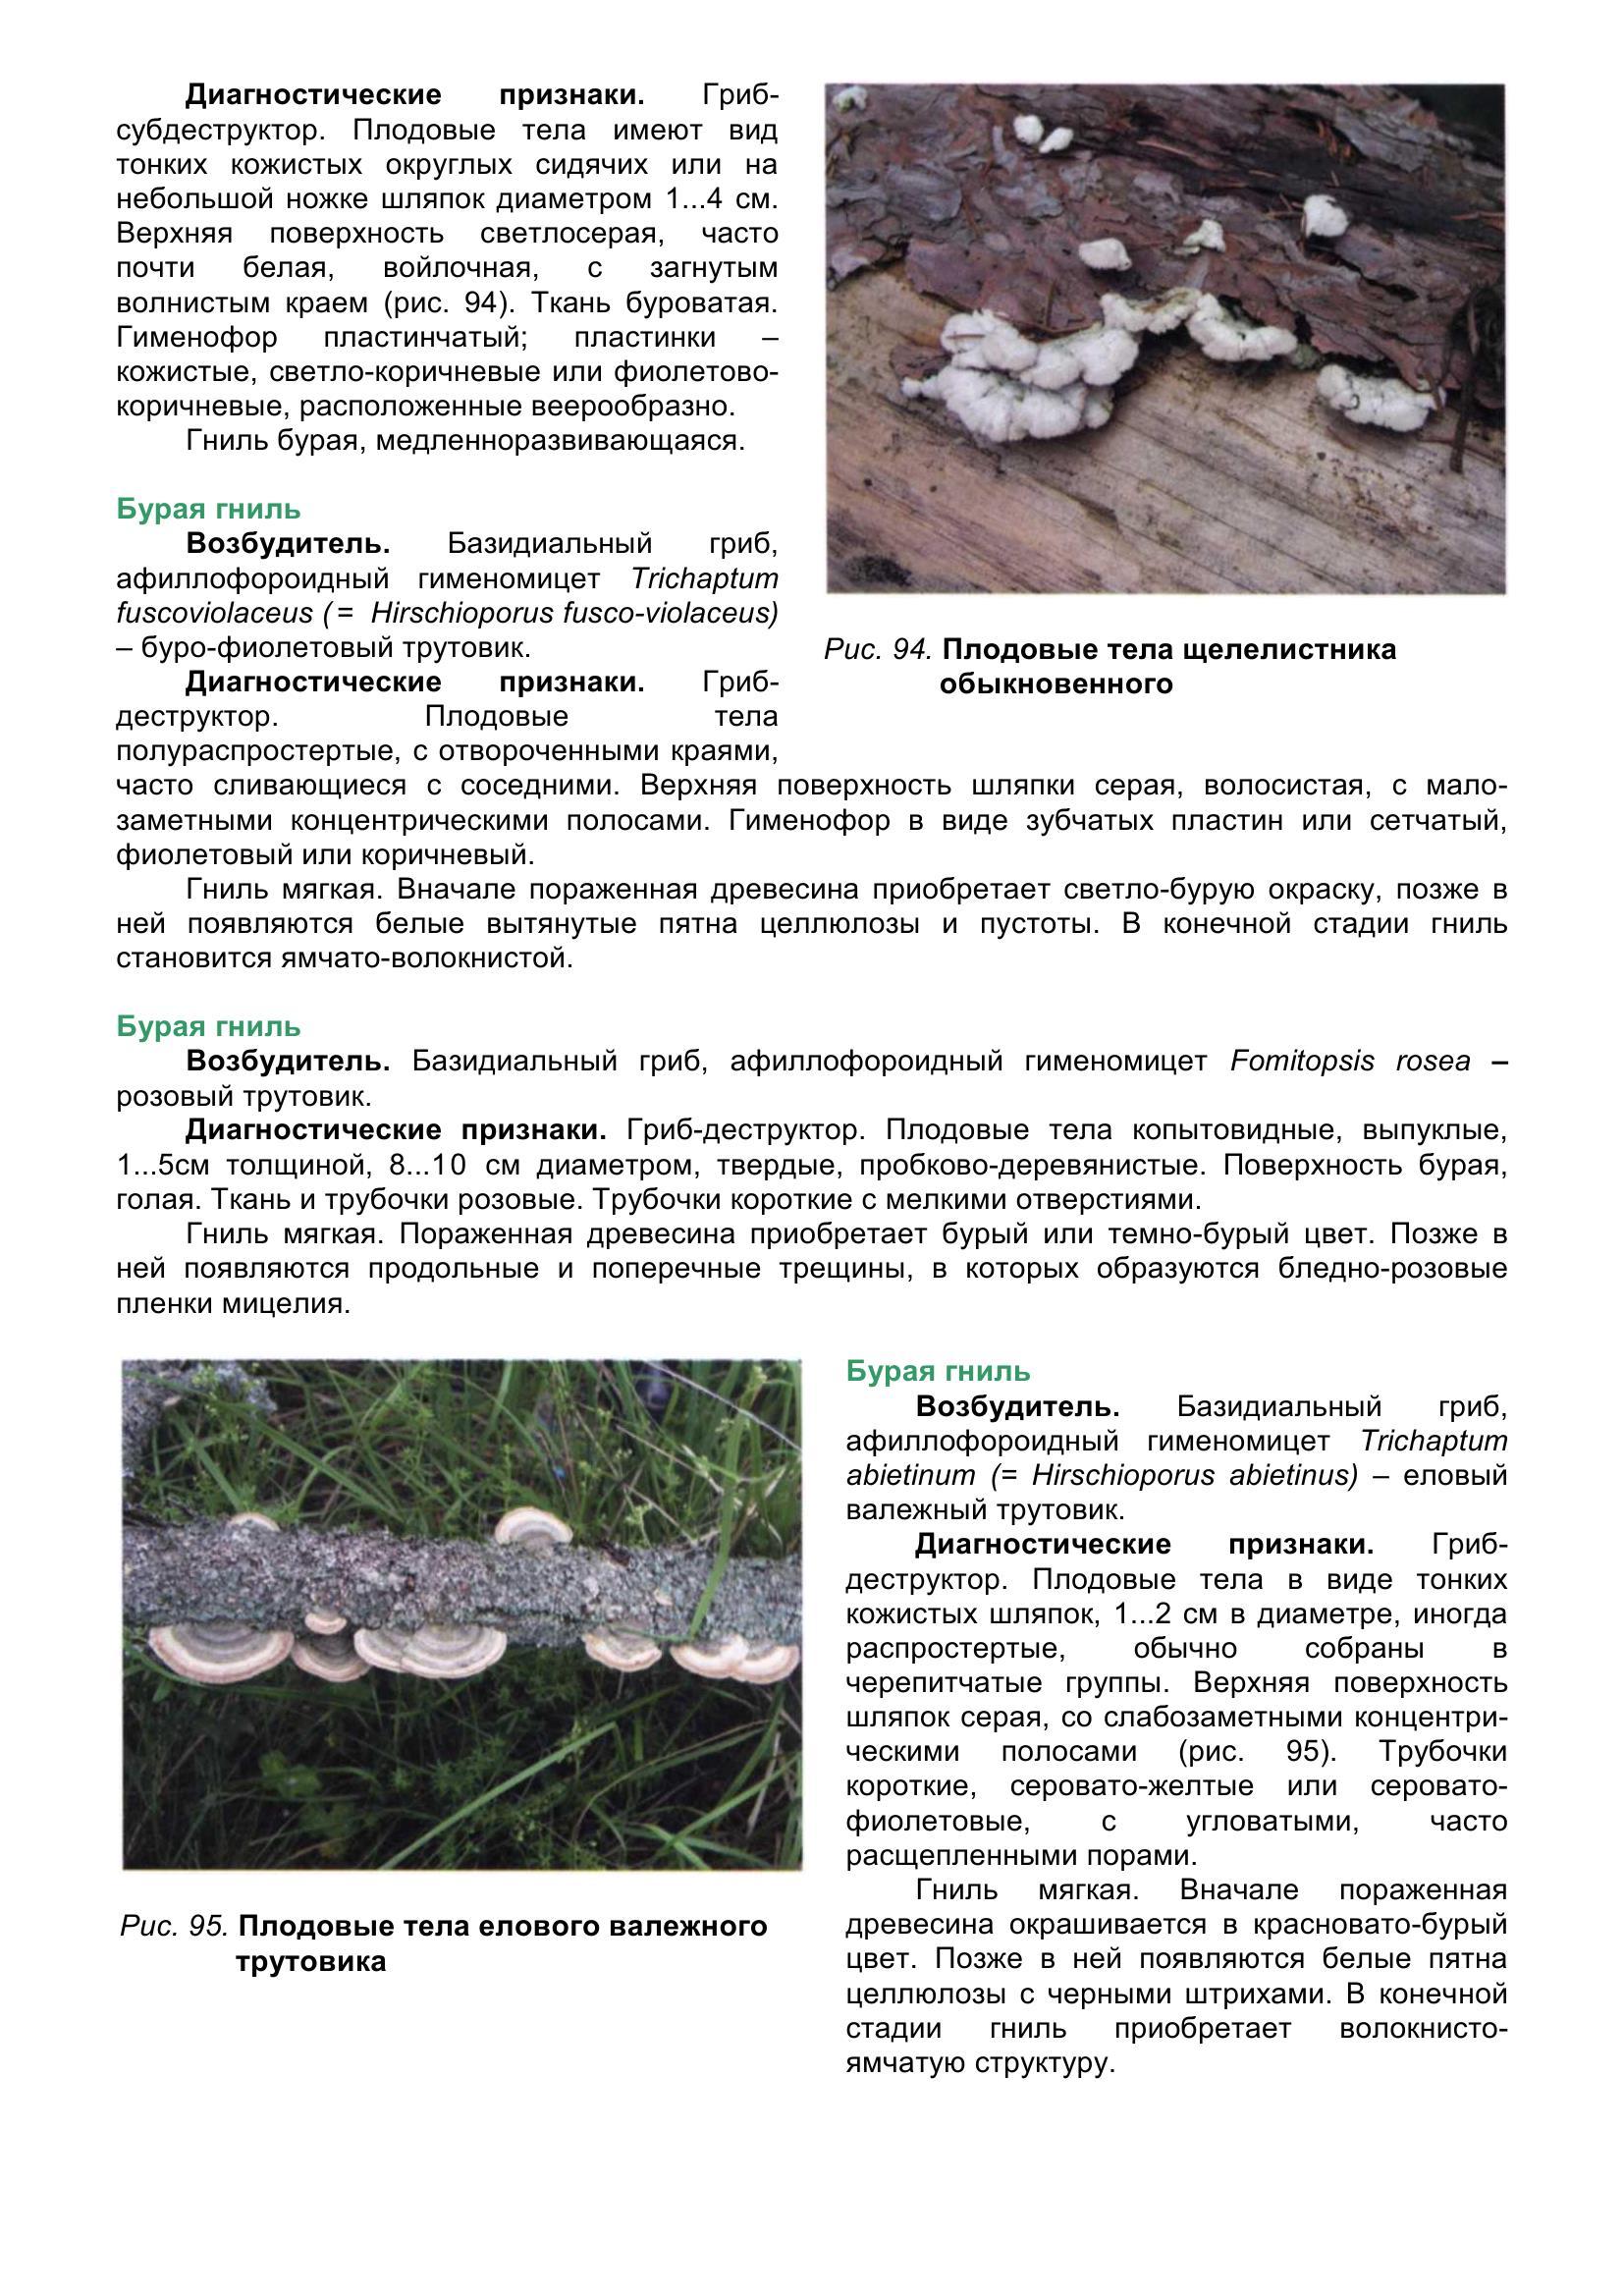 Болезни_древесных_растений_110.jpg